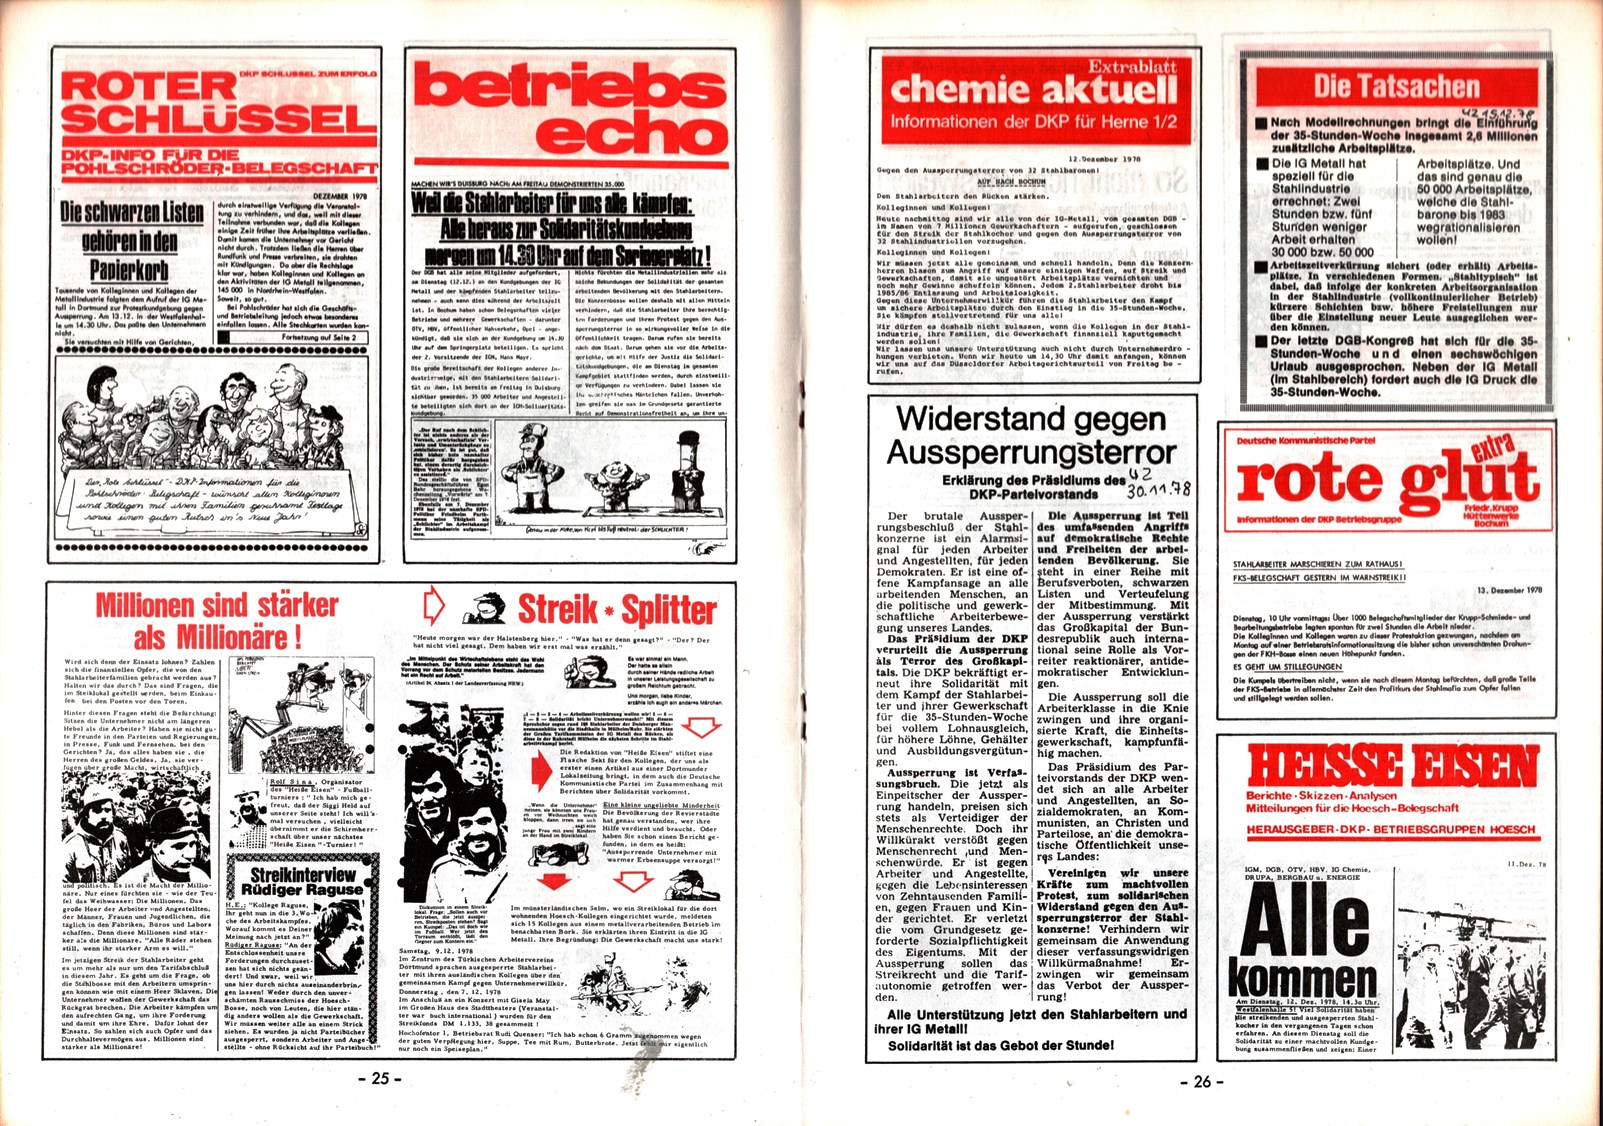 NRW_DKP_Stahlarbeiterstreik_1978_1979_014